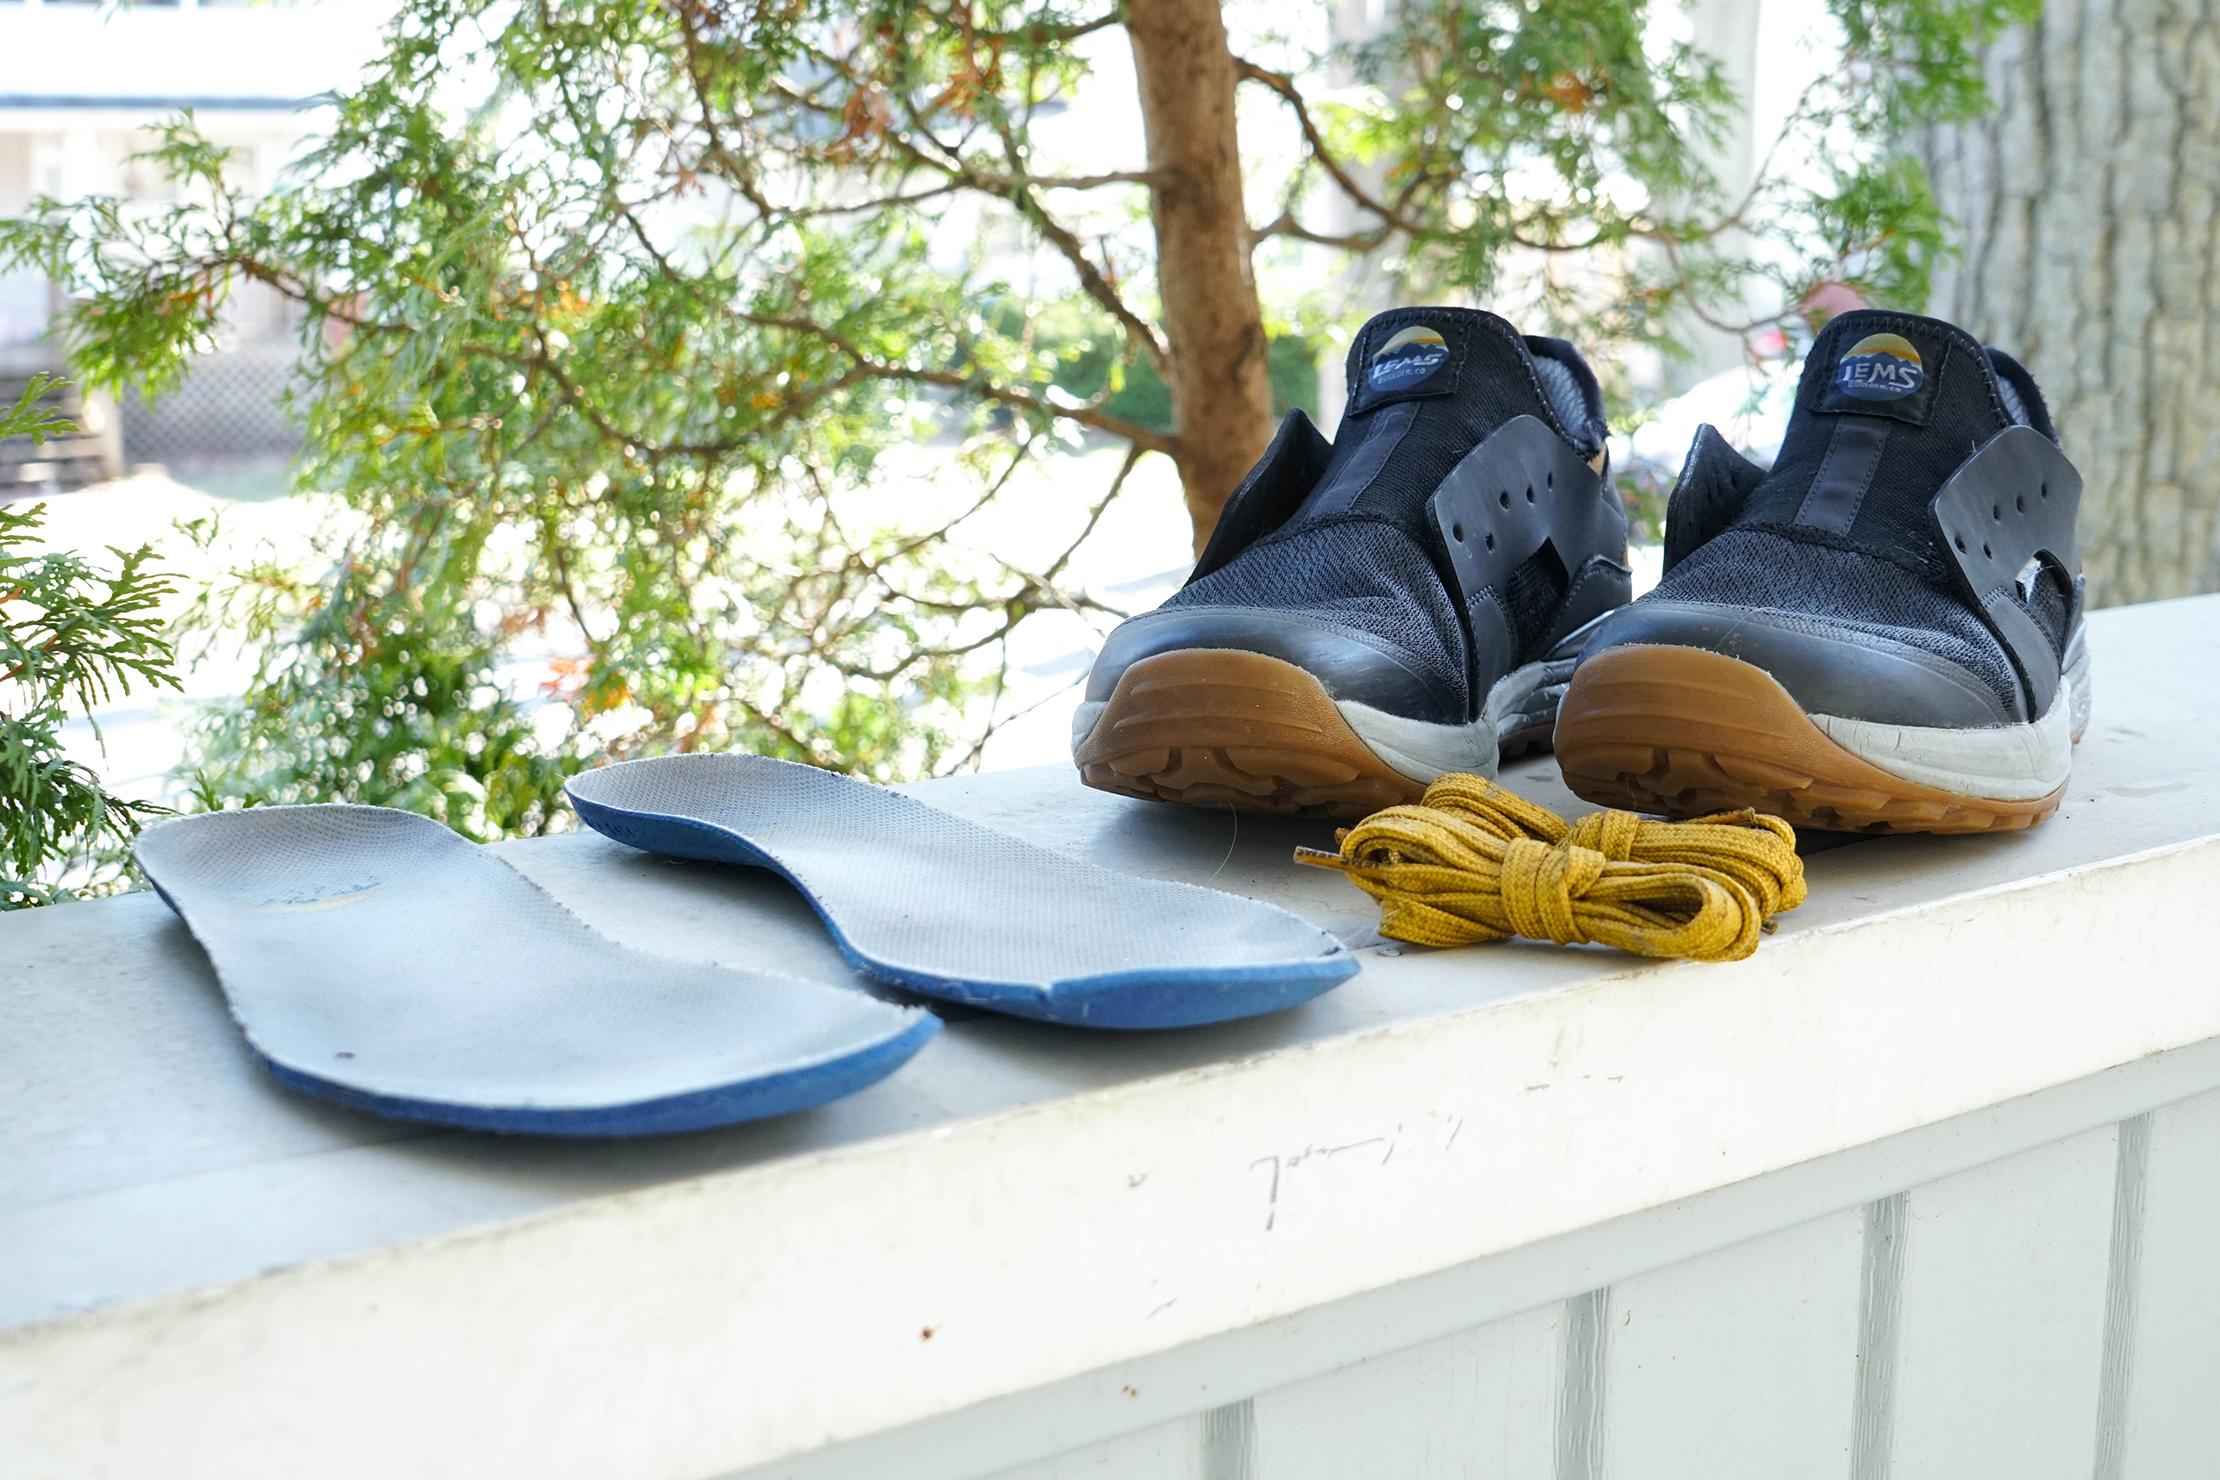 Taking Apart Shoes Before Washing